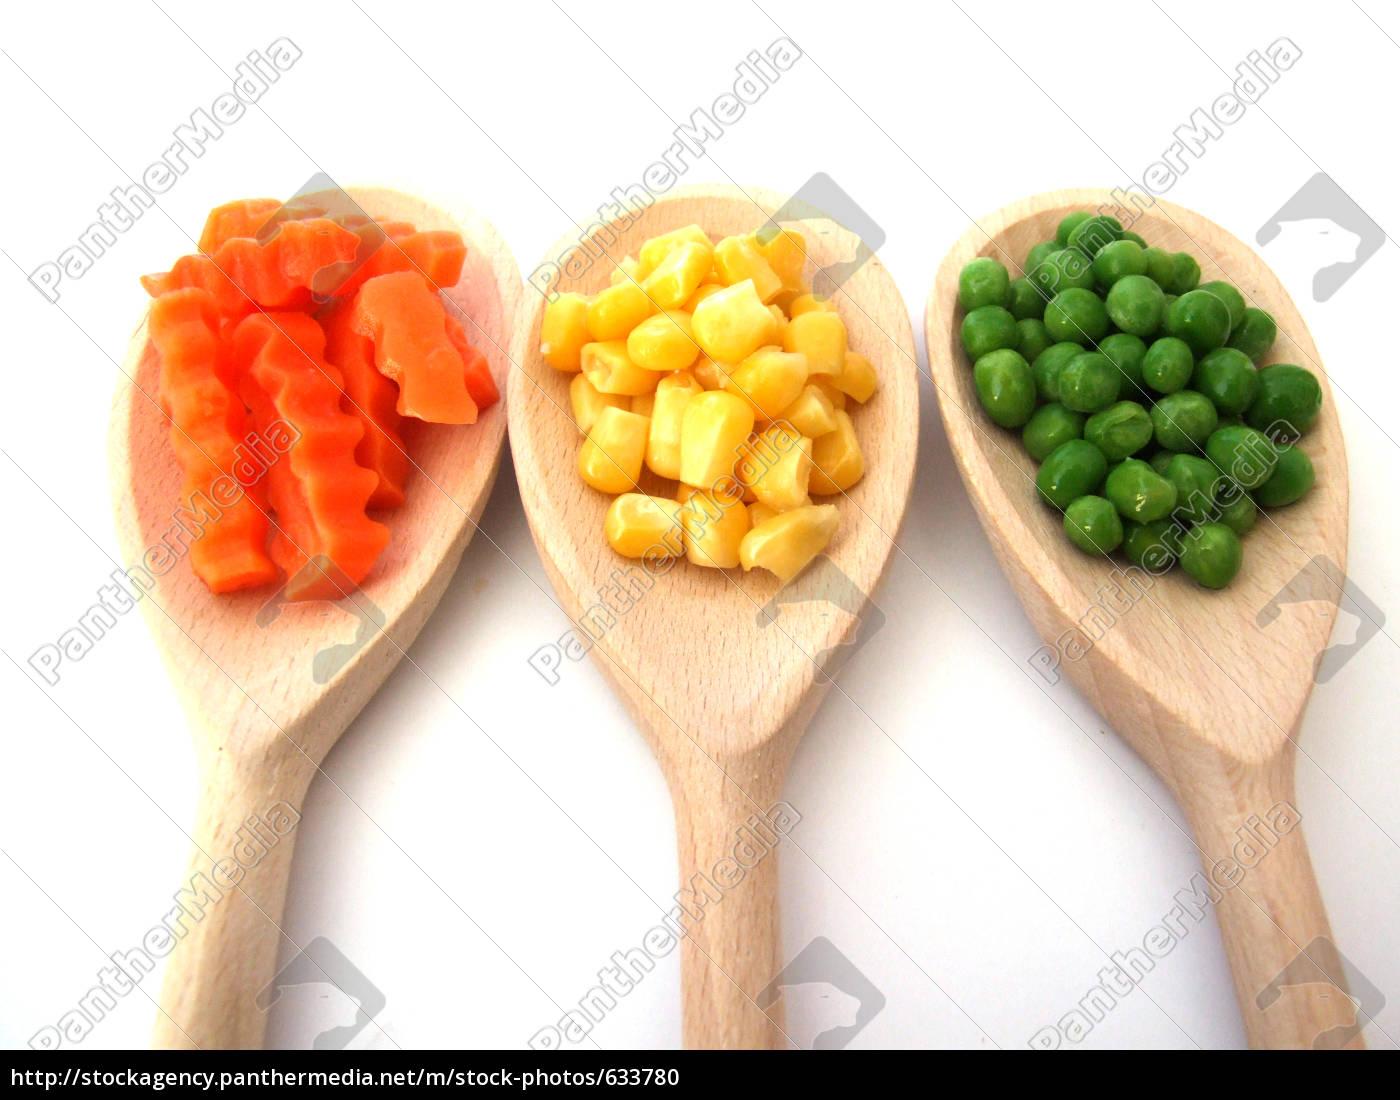 frozen, vegetables - 633780